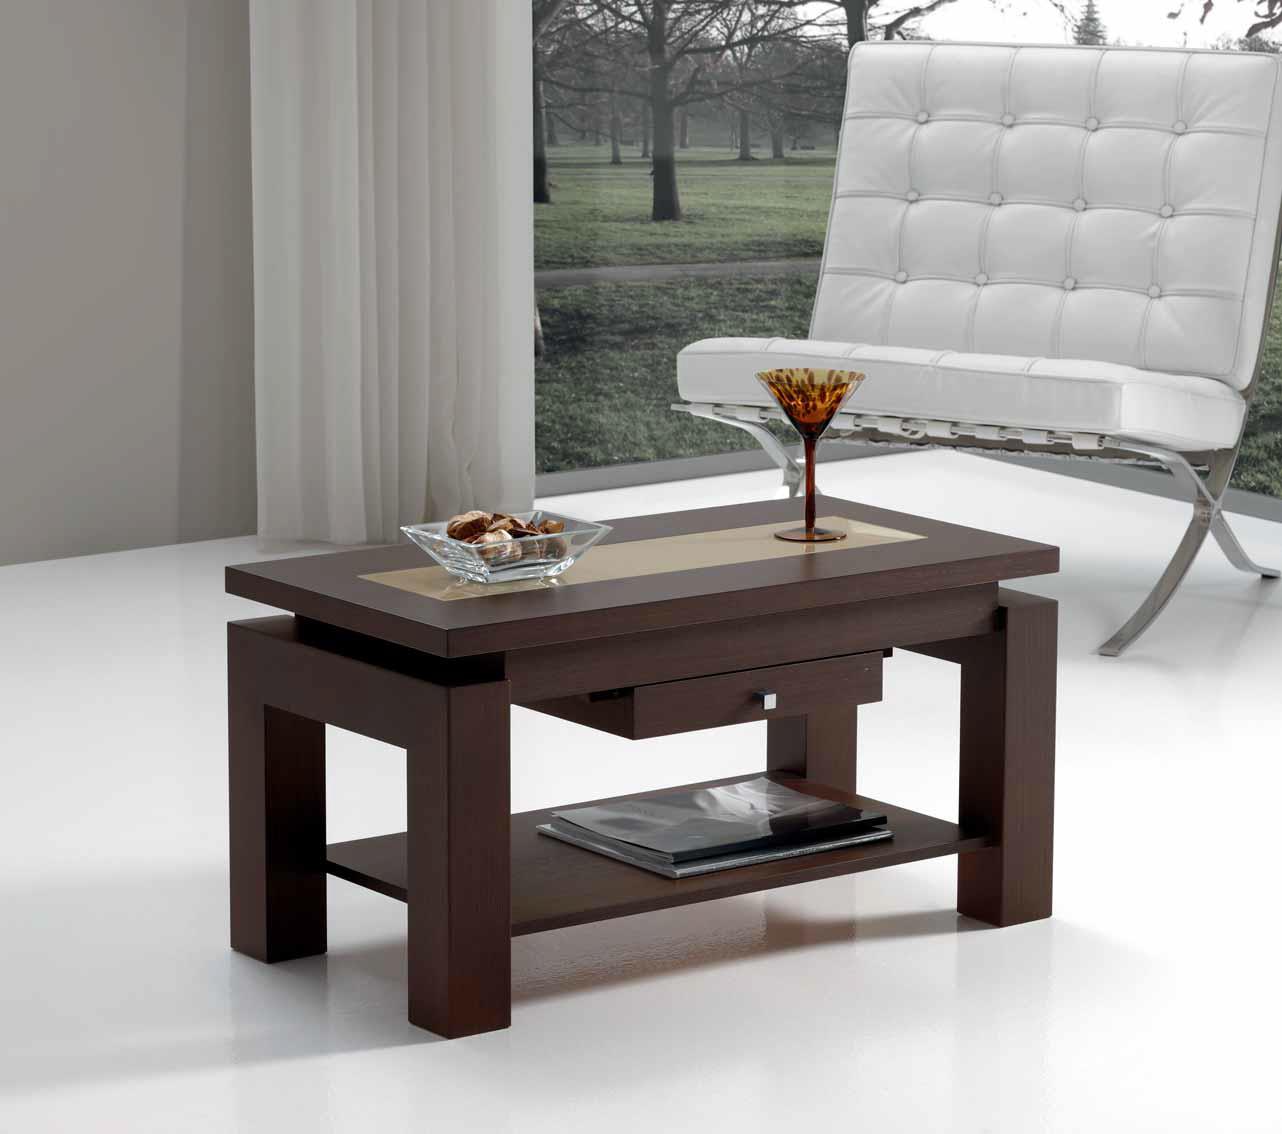 Transforma tu mesa centro moderna en mesa comedor en for Mesas de televisor modernas